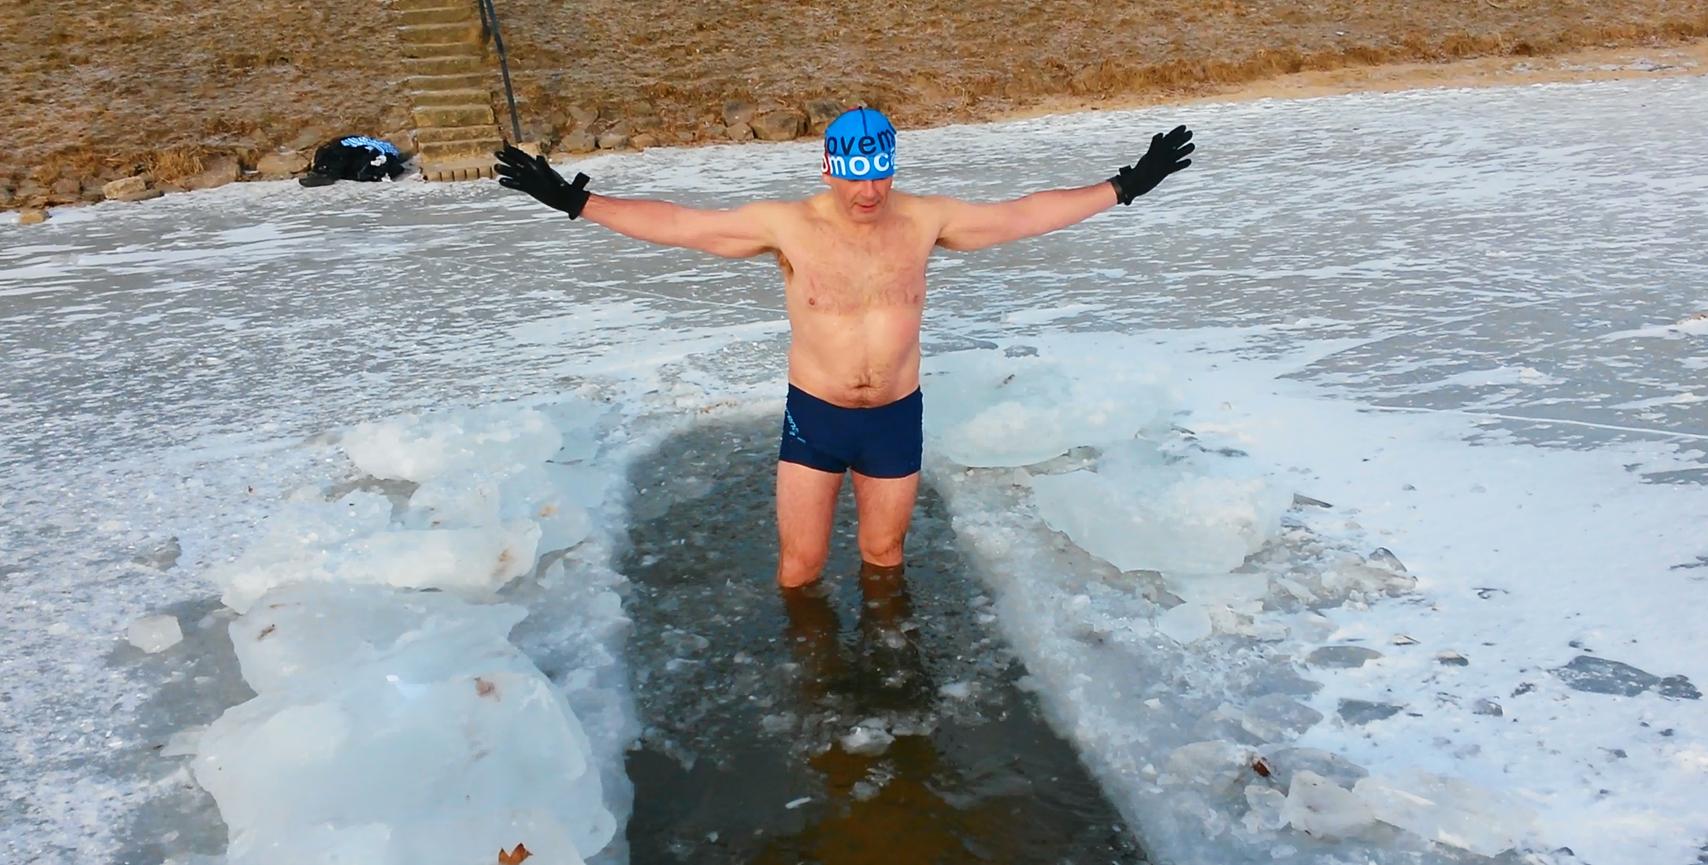 Ledový muž Petr Vobořil z Jablonce nedá na otužování v přehradě dopustit. Prý ho teď díky ranním ledovým koupelím netrápí ani nachlazení, ani bolesti zad